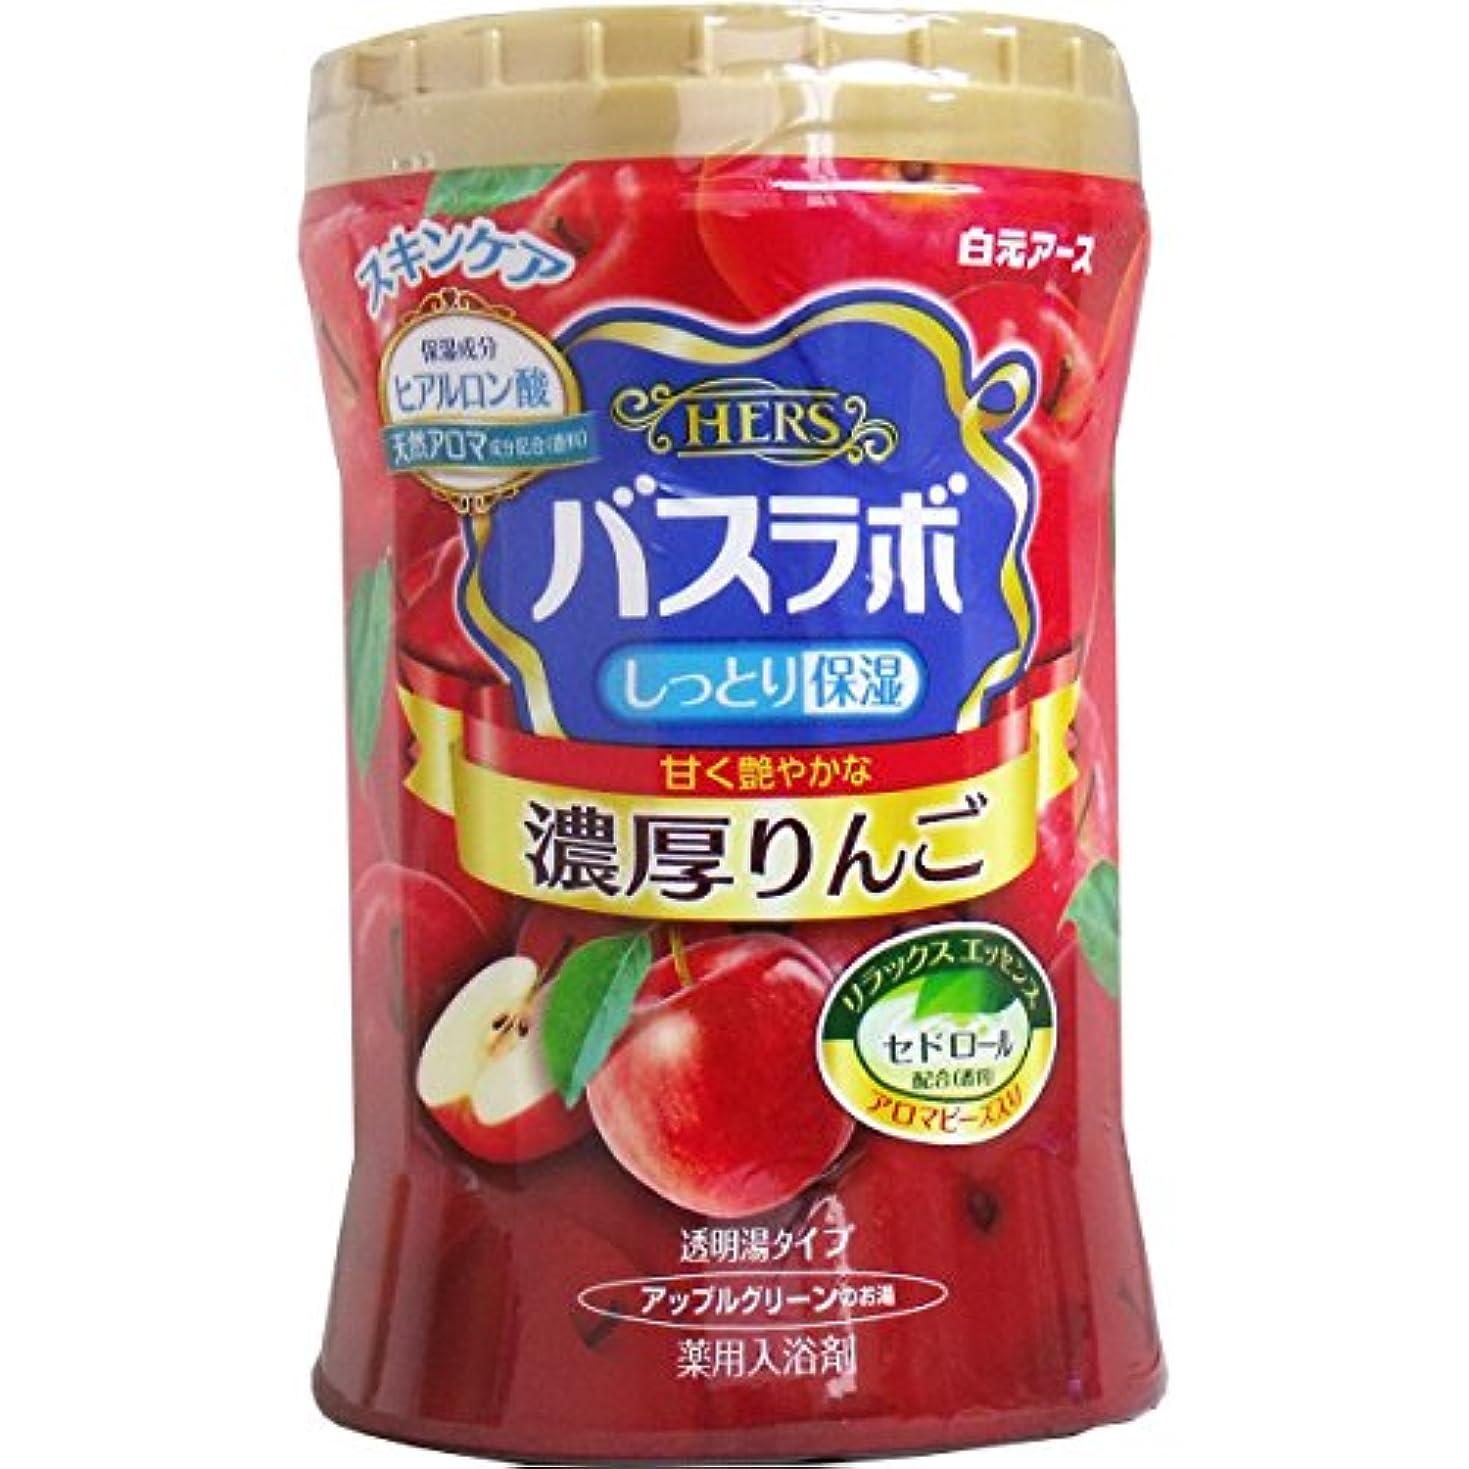 不完全昼食急ぐバスラボボトル濃厚りんごの香り 640g